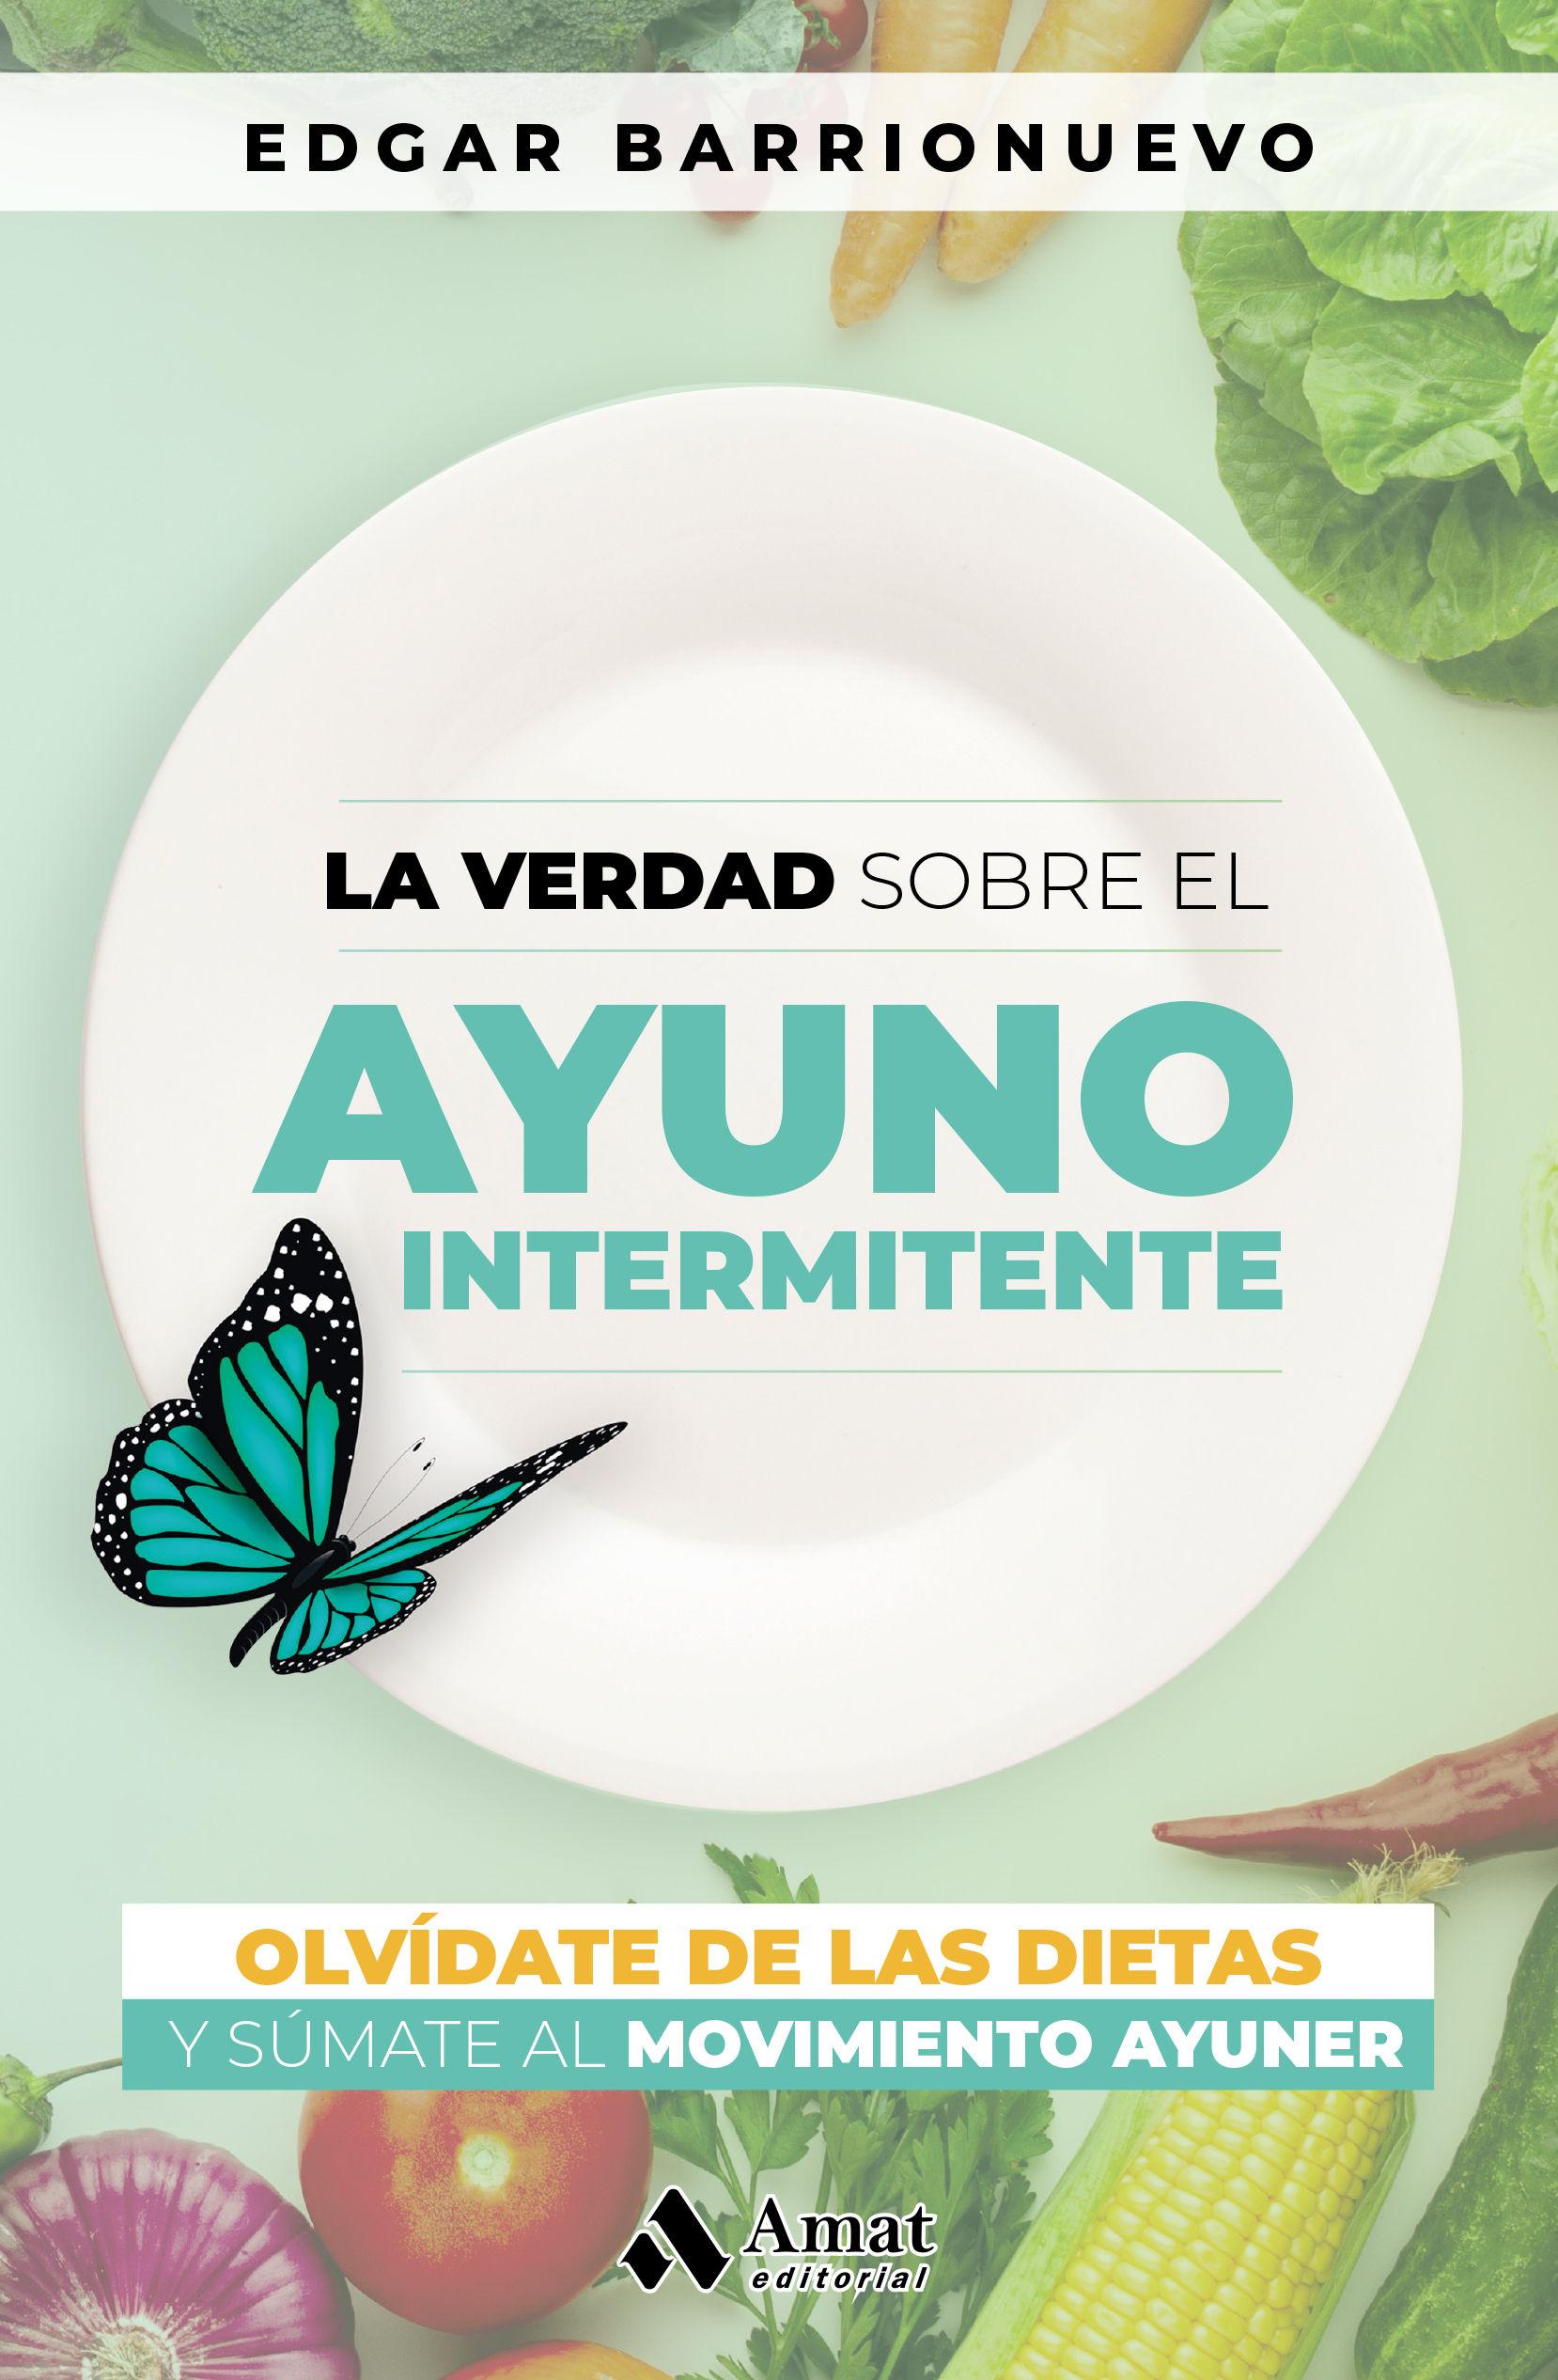 VERDAD SOBRE EL AYUNO INTERMITENTE LA